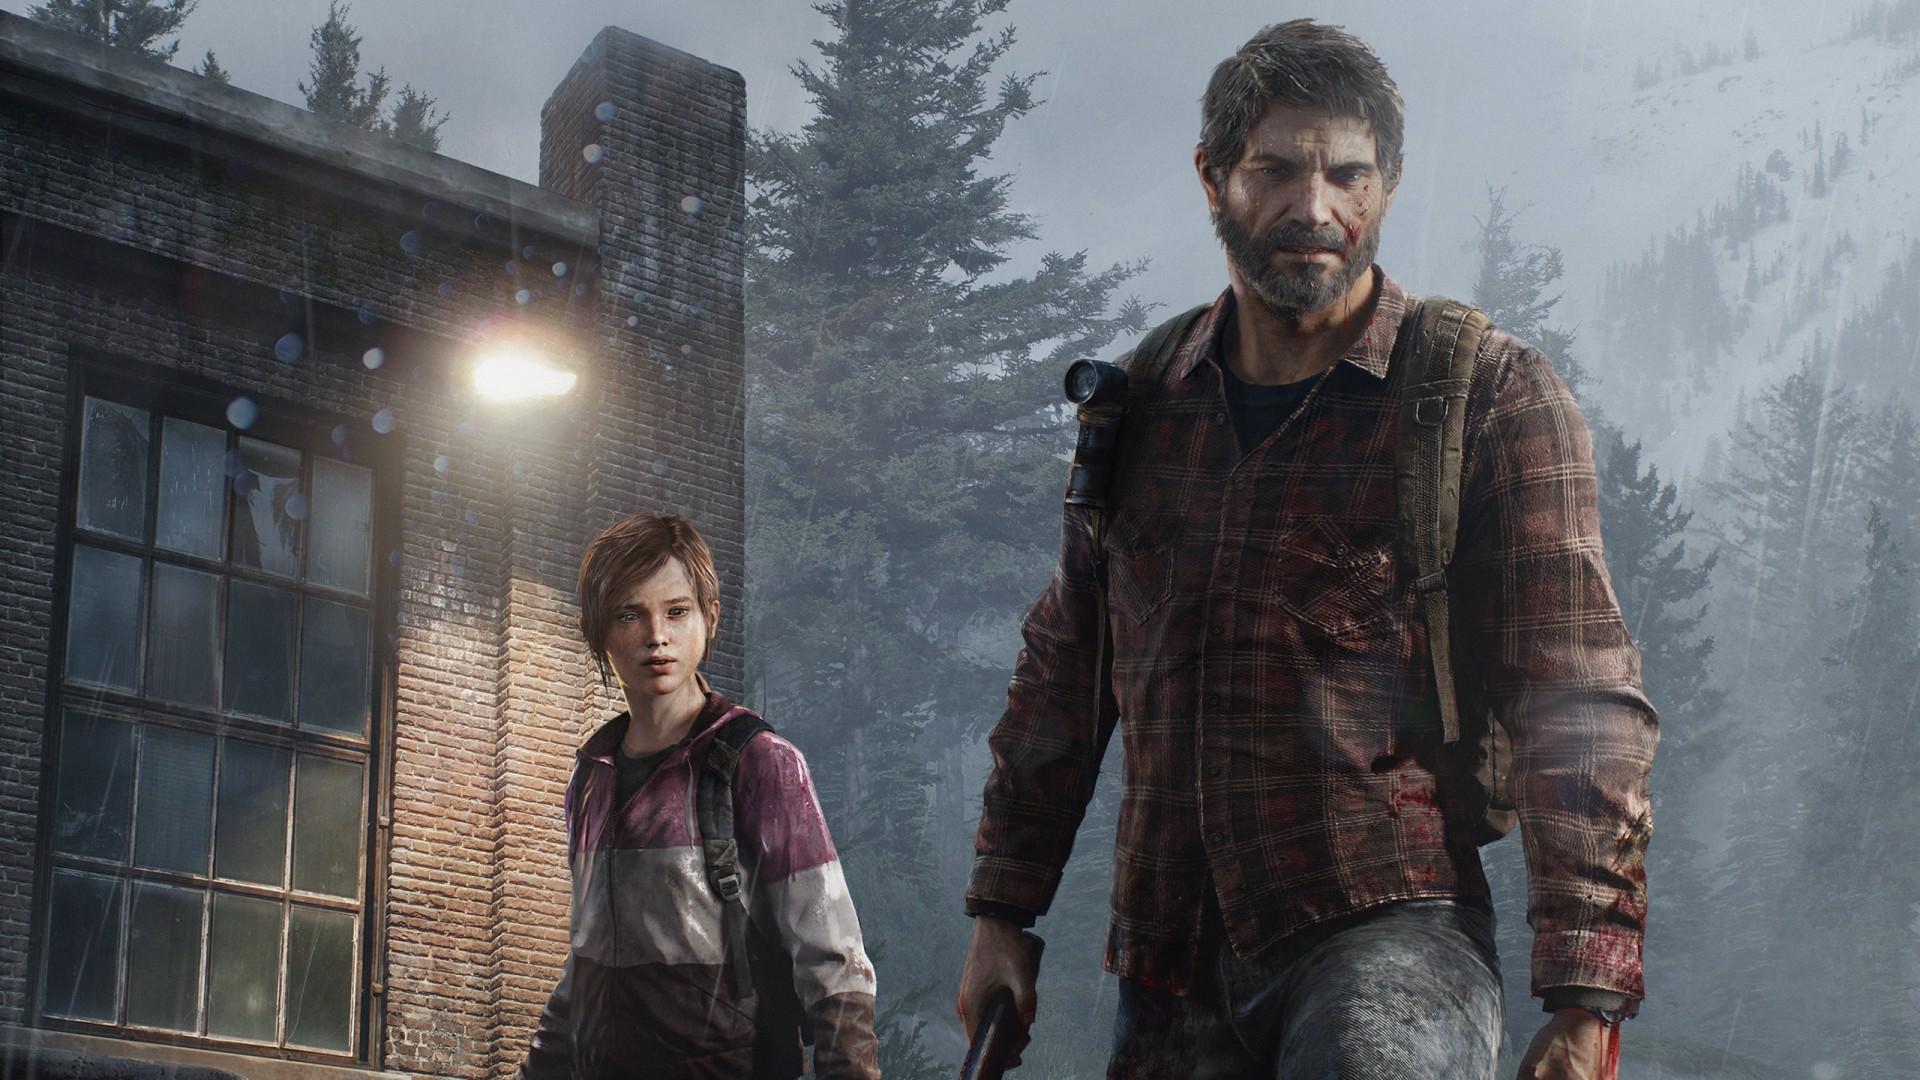 Актер сериала The Last of Us похвастался консолью PS5 она была подарена ему для подготовки к роли